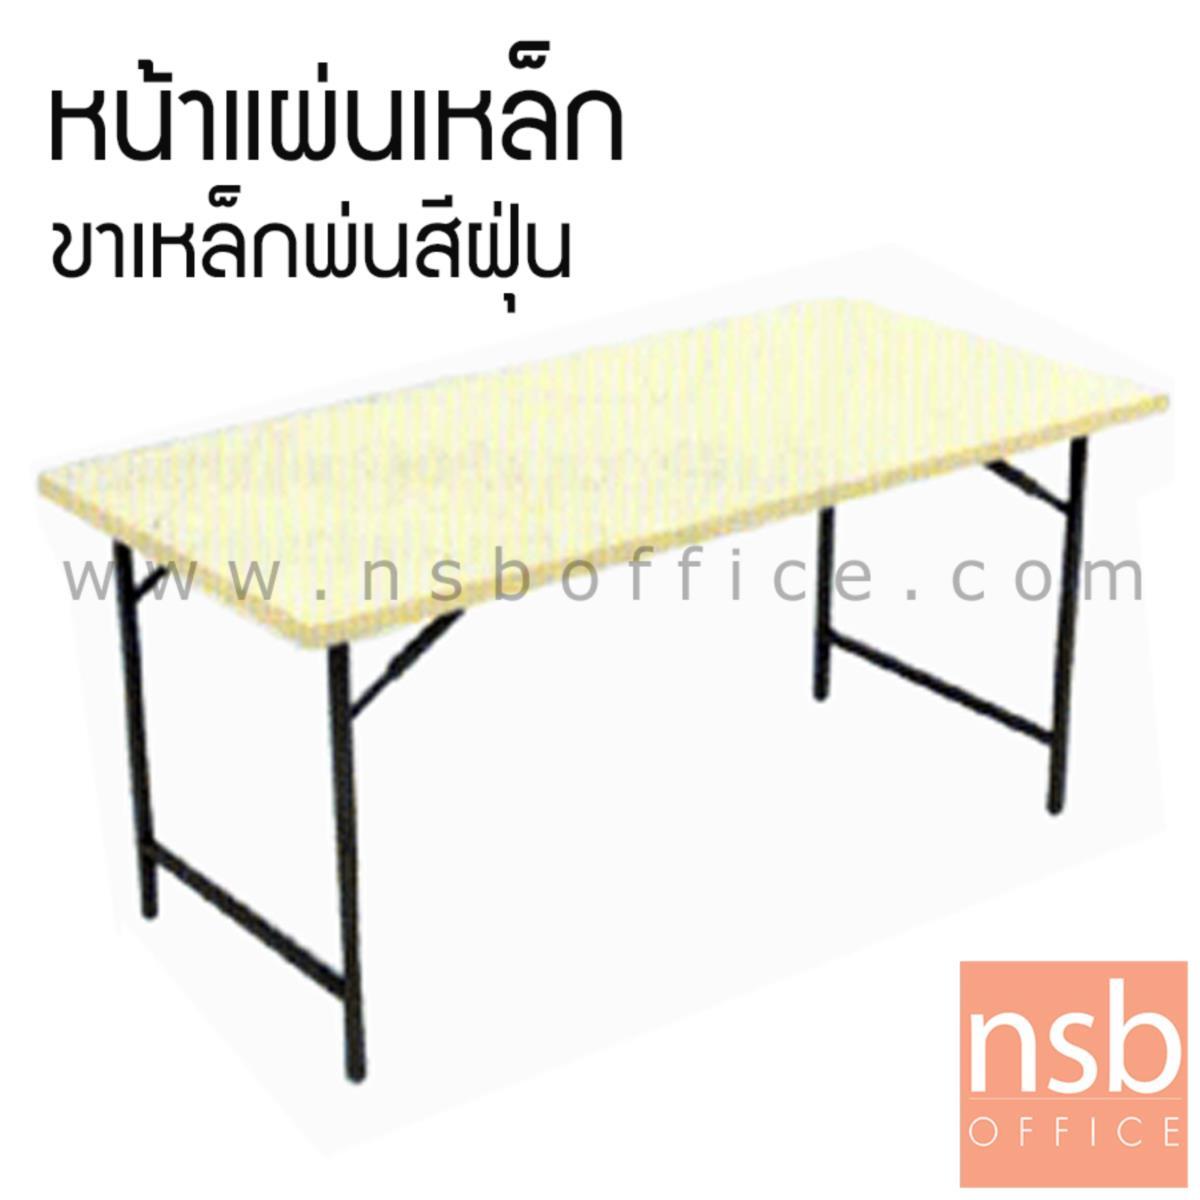 A07A028:โต๊ะพับหน้าเหล็ก 0.8 มม. รุ่น Hadley ขนาด 153W ,183W cm. โครงขาพ่นสีฝุ่น